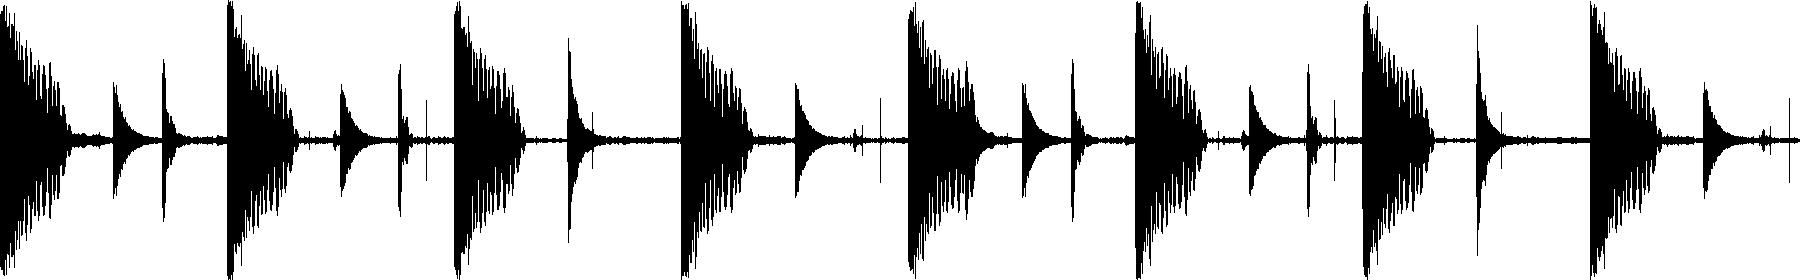 shg drum loop 12